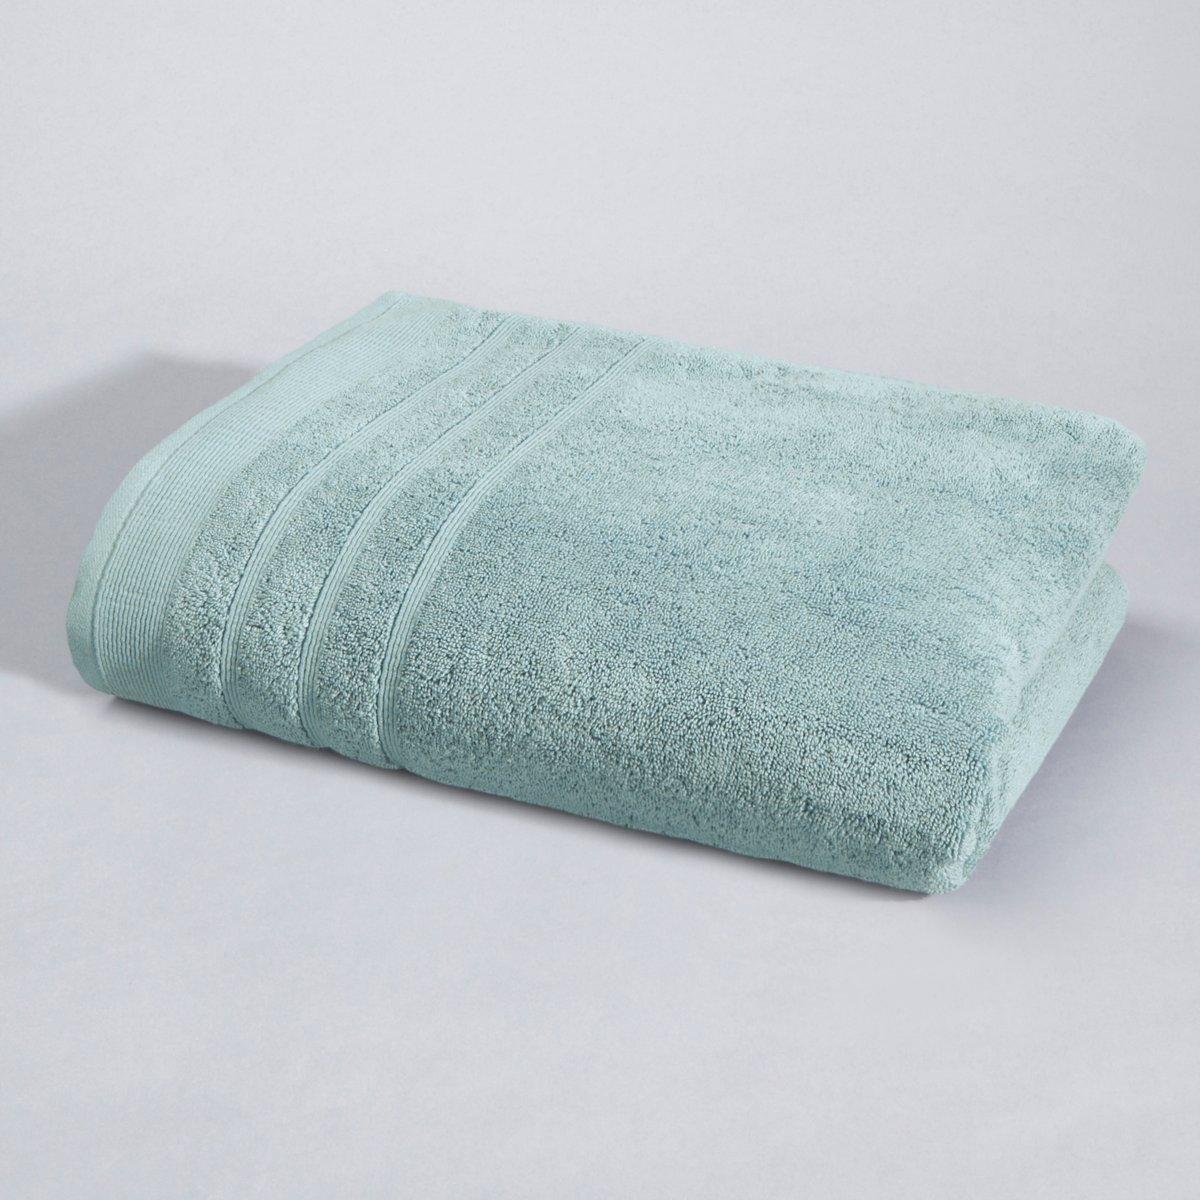 Полотенце банное 600 г/м?, Качество BestБольшое банное полотенце отлично притывает влагу, даря тем самым невероятный комфорт.Описание большого  банного полотенца :Качество BEST.Махровая ткань 100 % хлопка. Машинная стирка при 60°.Размеры большого банного полотенца:100 x 150 см.<br><br>Цвет: бежевый,зелено-синий,зеленый мох,светло-синий,Серо-синий,сине-зеленый,синий морской,темно-серый,фиолетовый,шафран